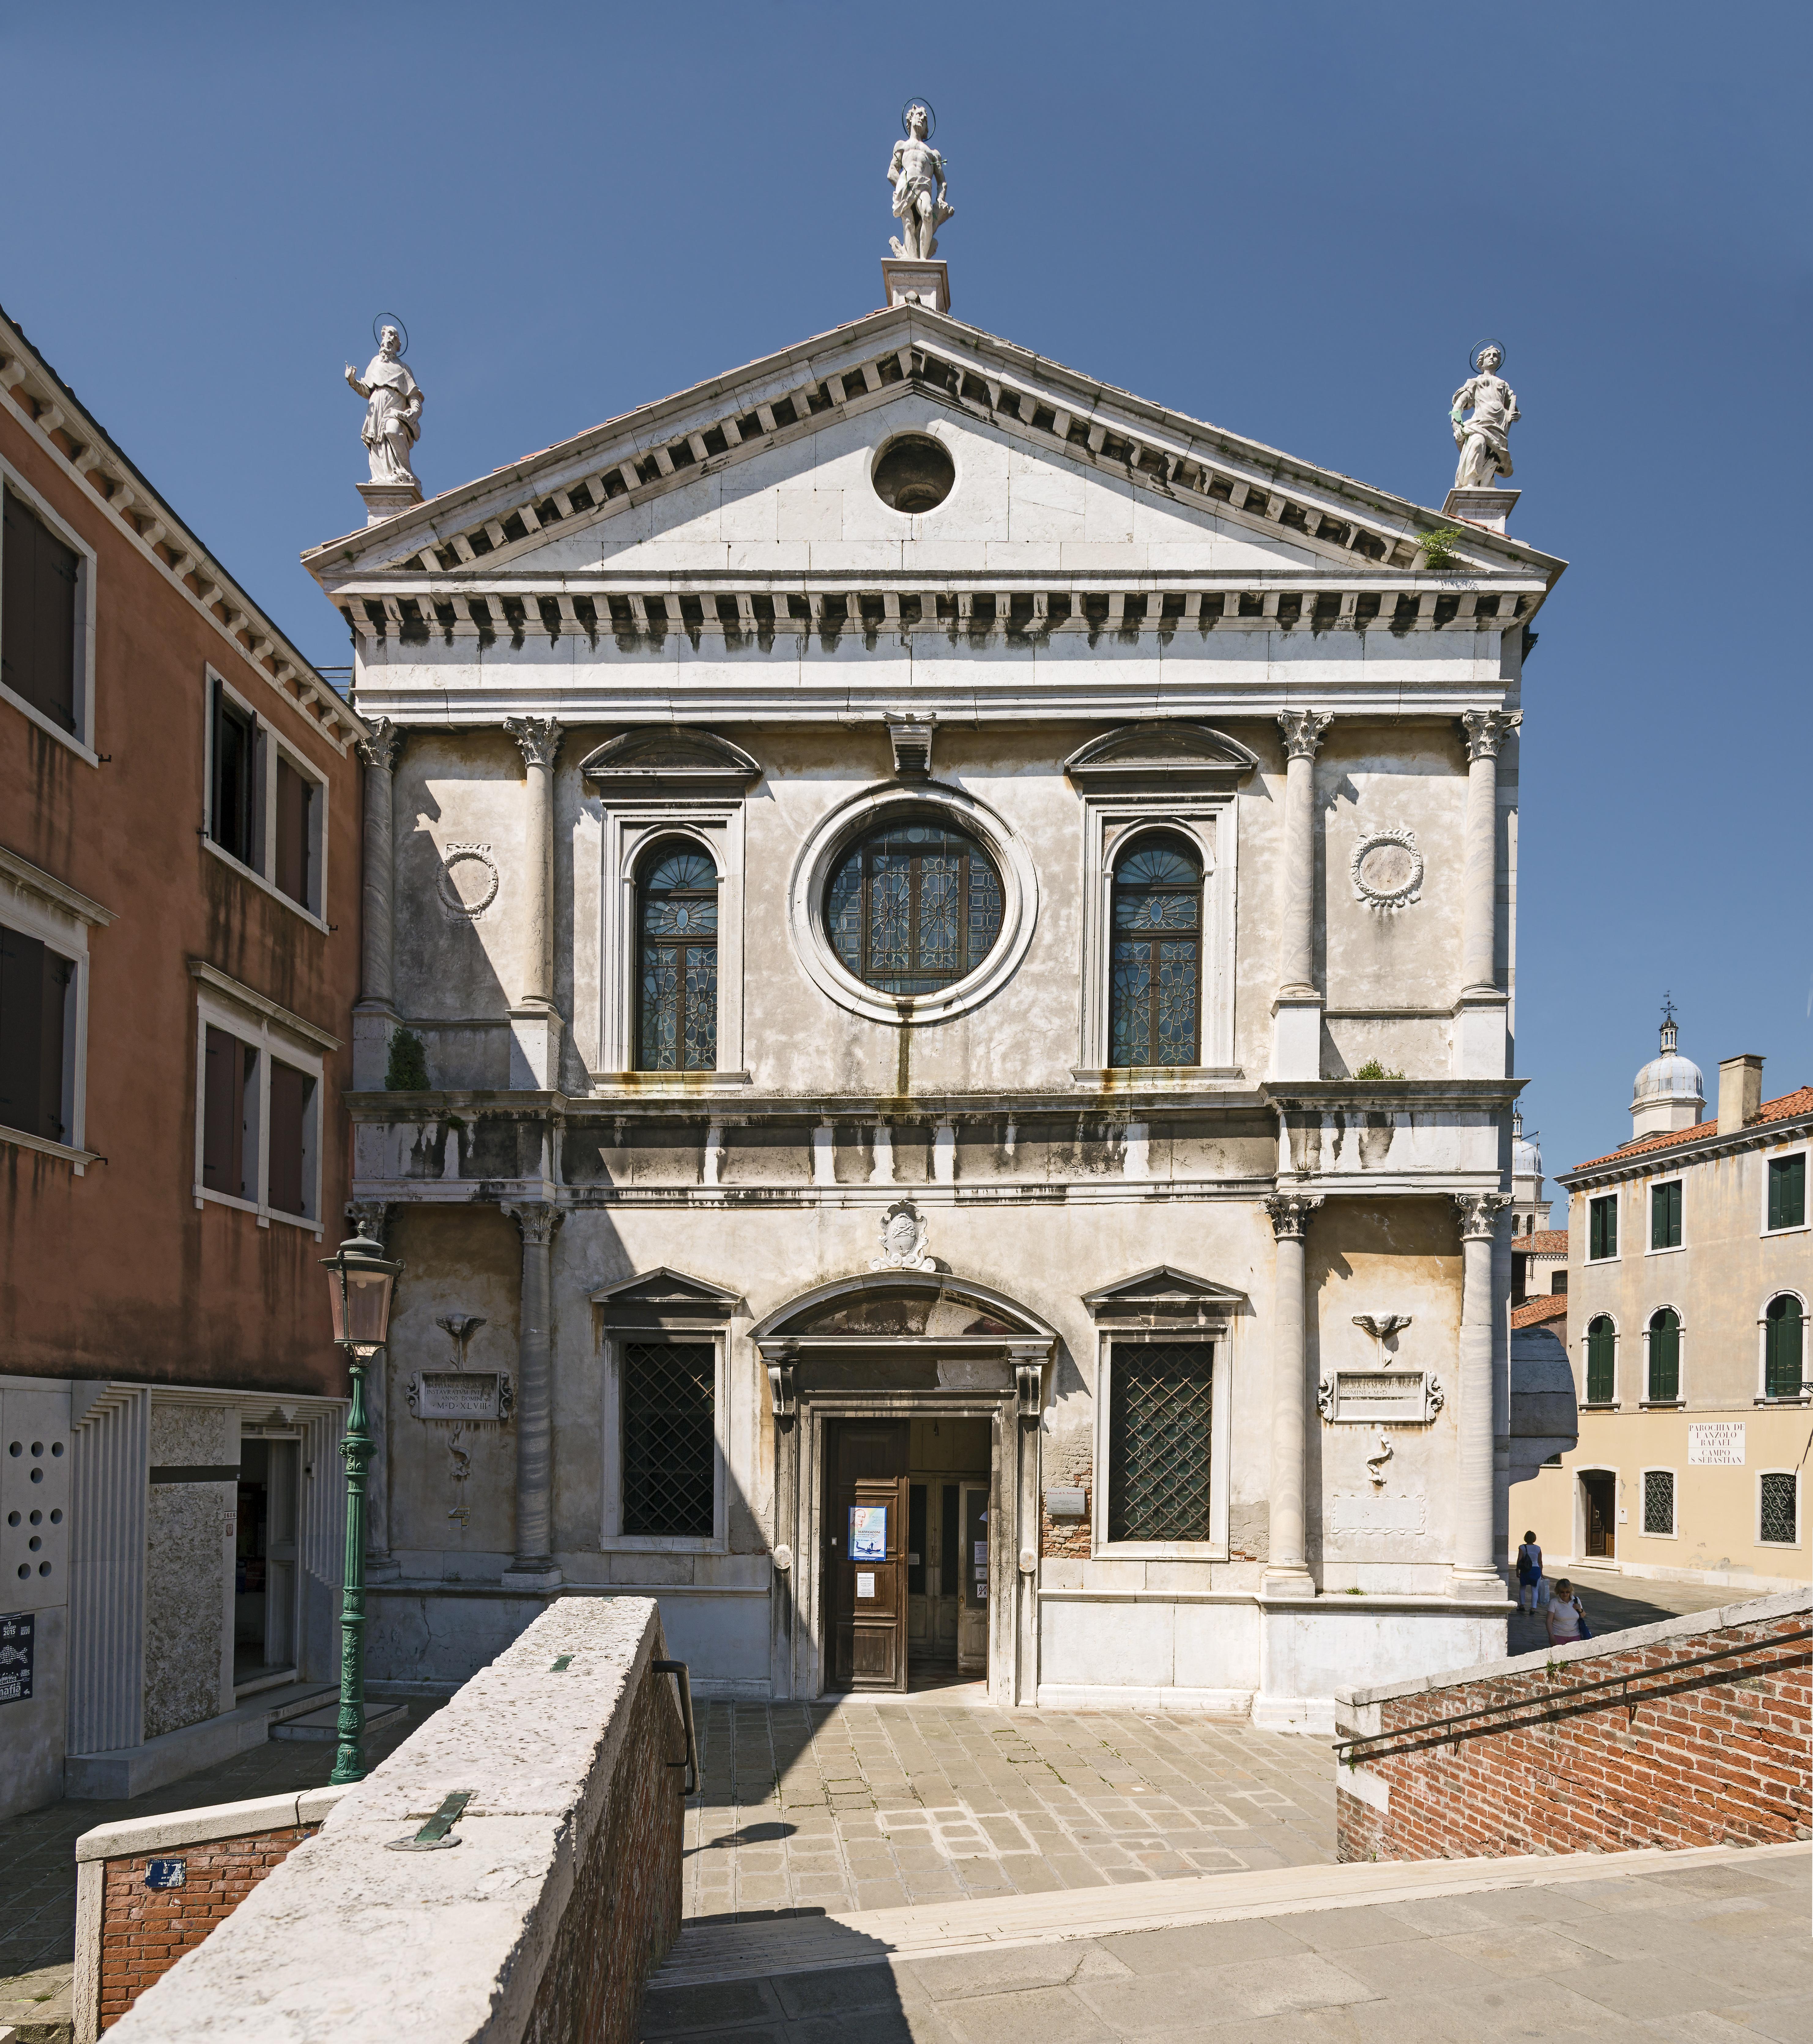 https://upload.wikimedia.org/wikipedia/commons/4/46/San_Sebastiano_%28Venice%29_Facade.jpg